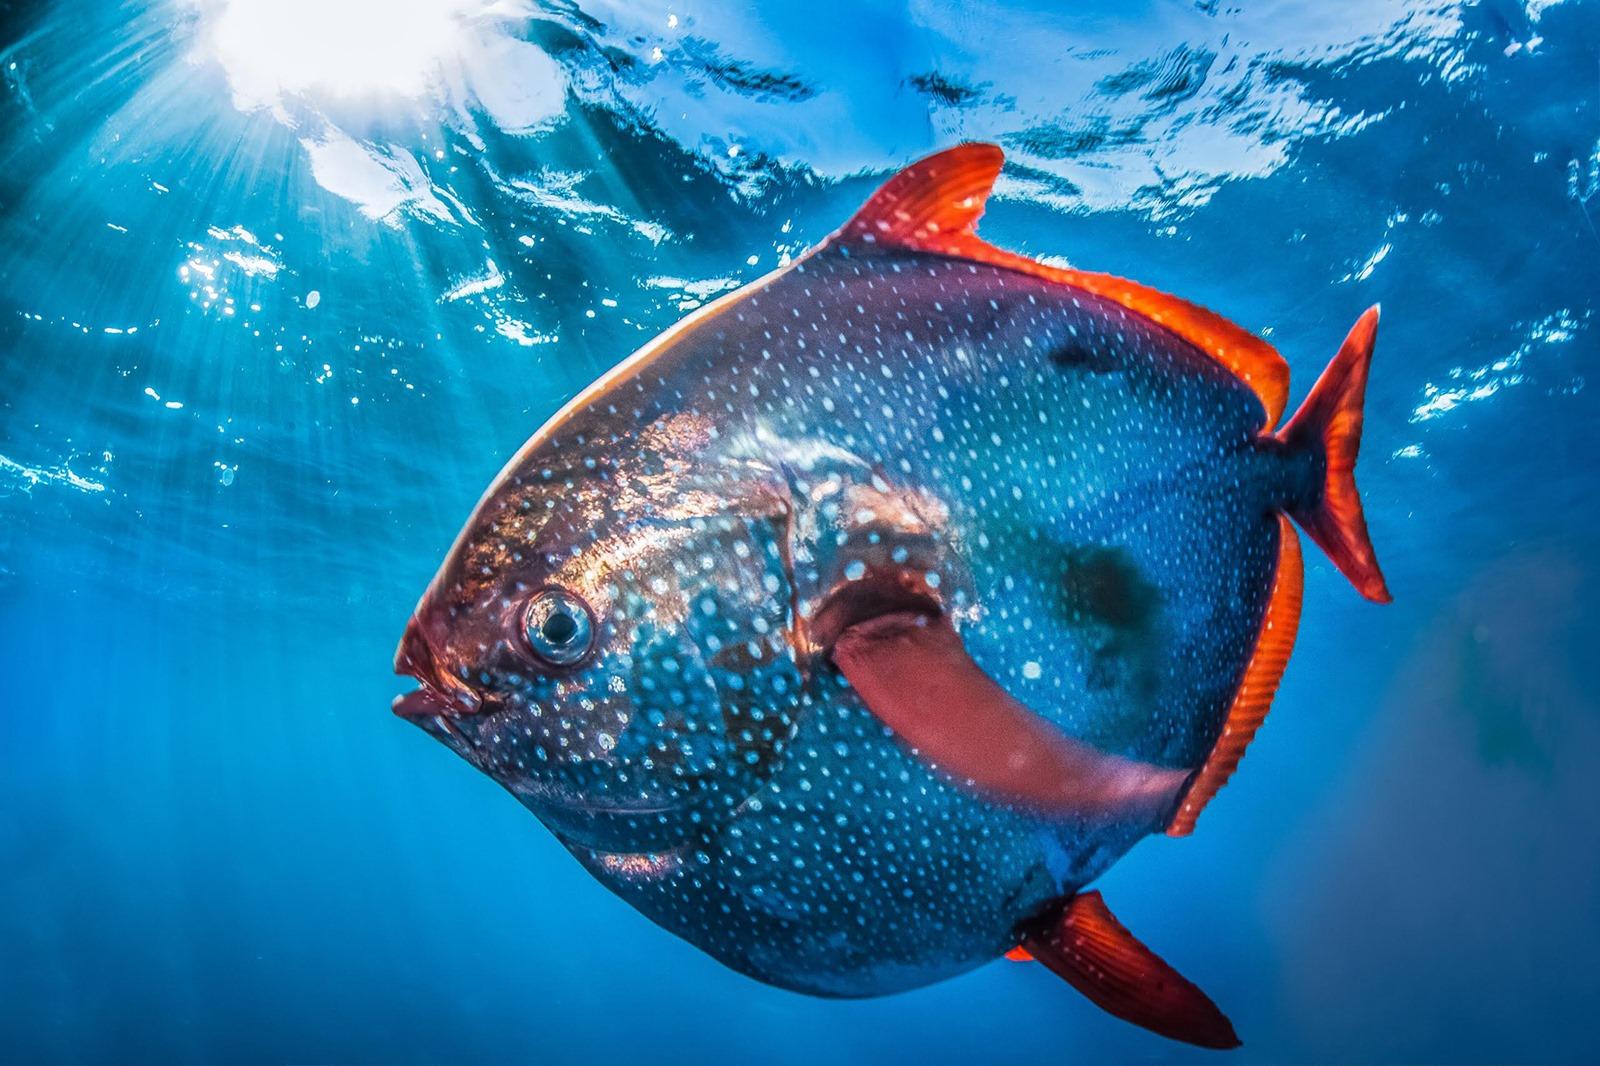 Le saumon des dieux est le seul poisson à avoir vraiment le sang chaud